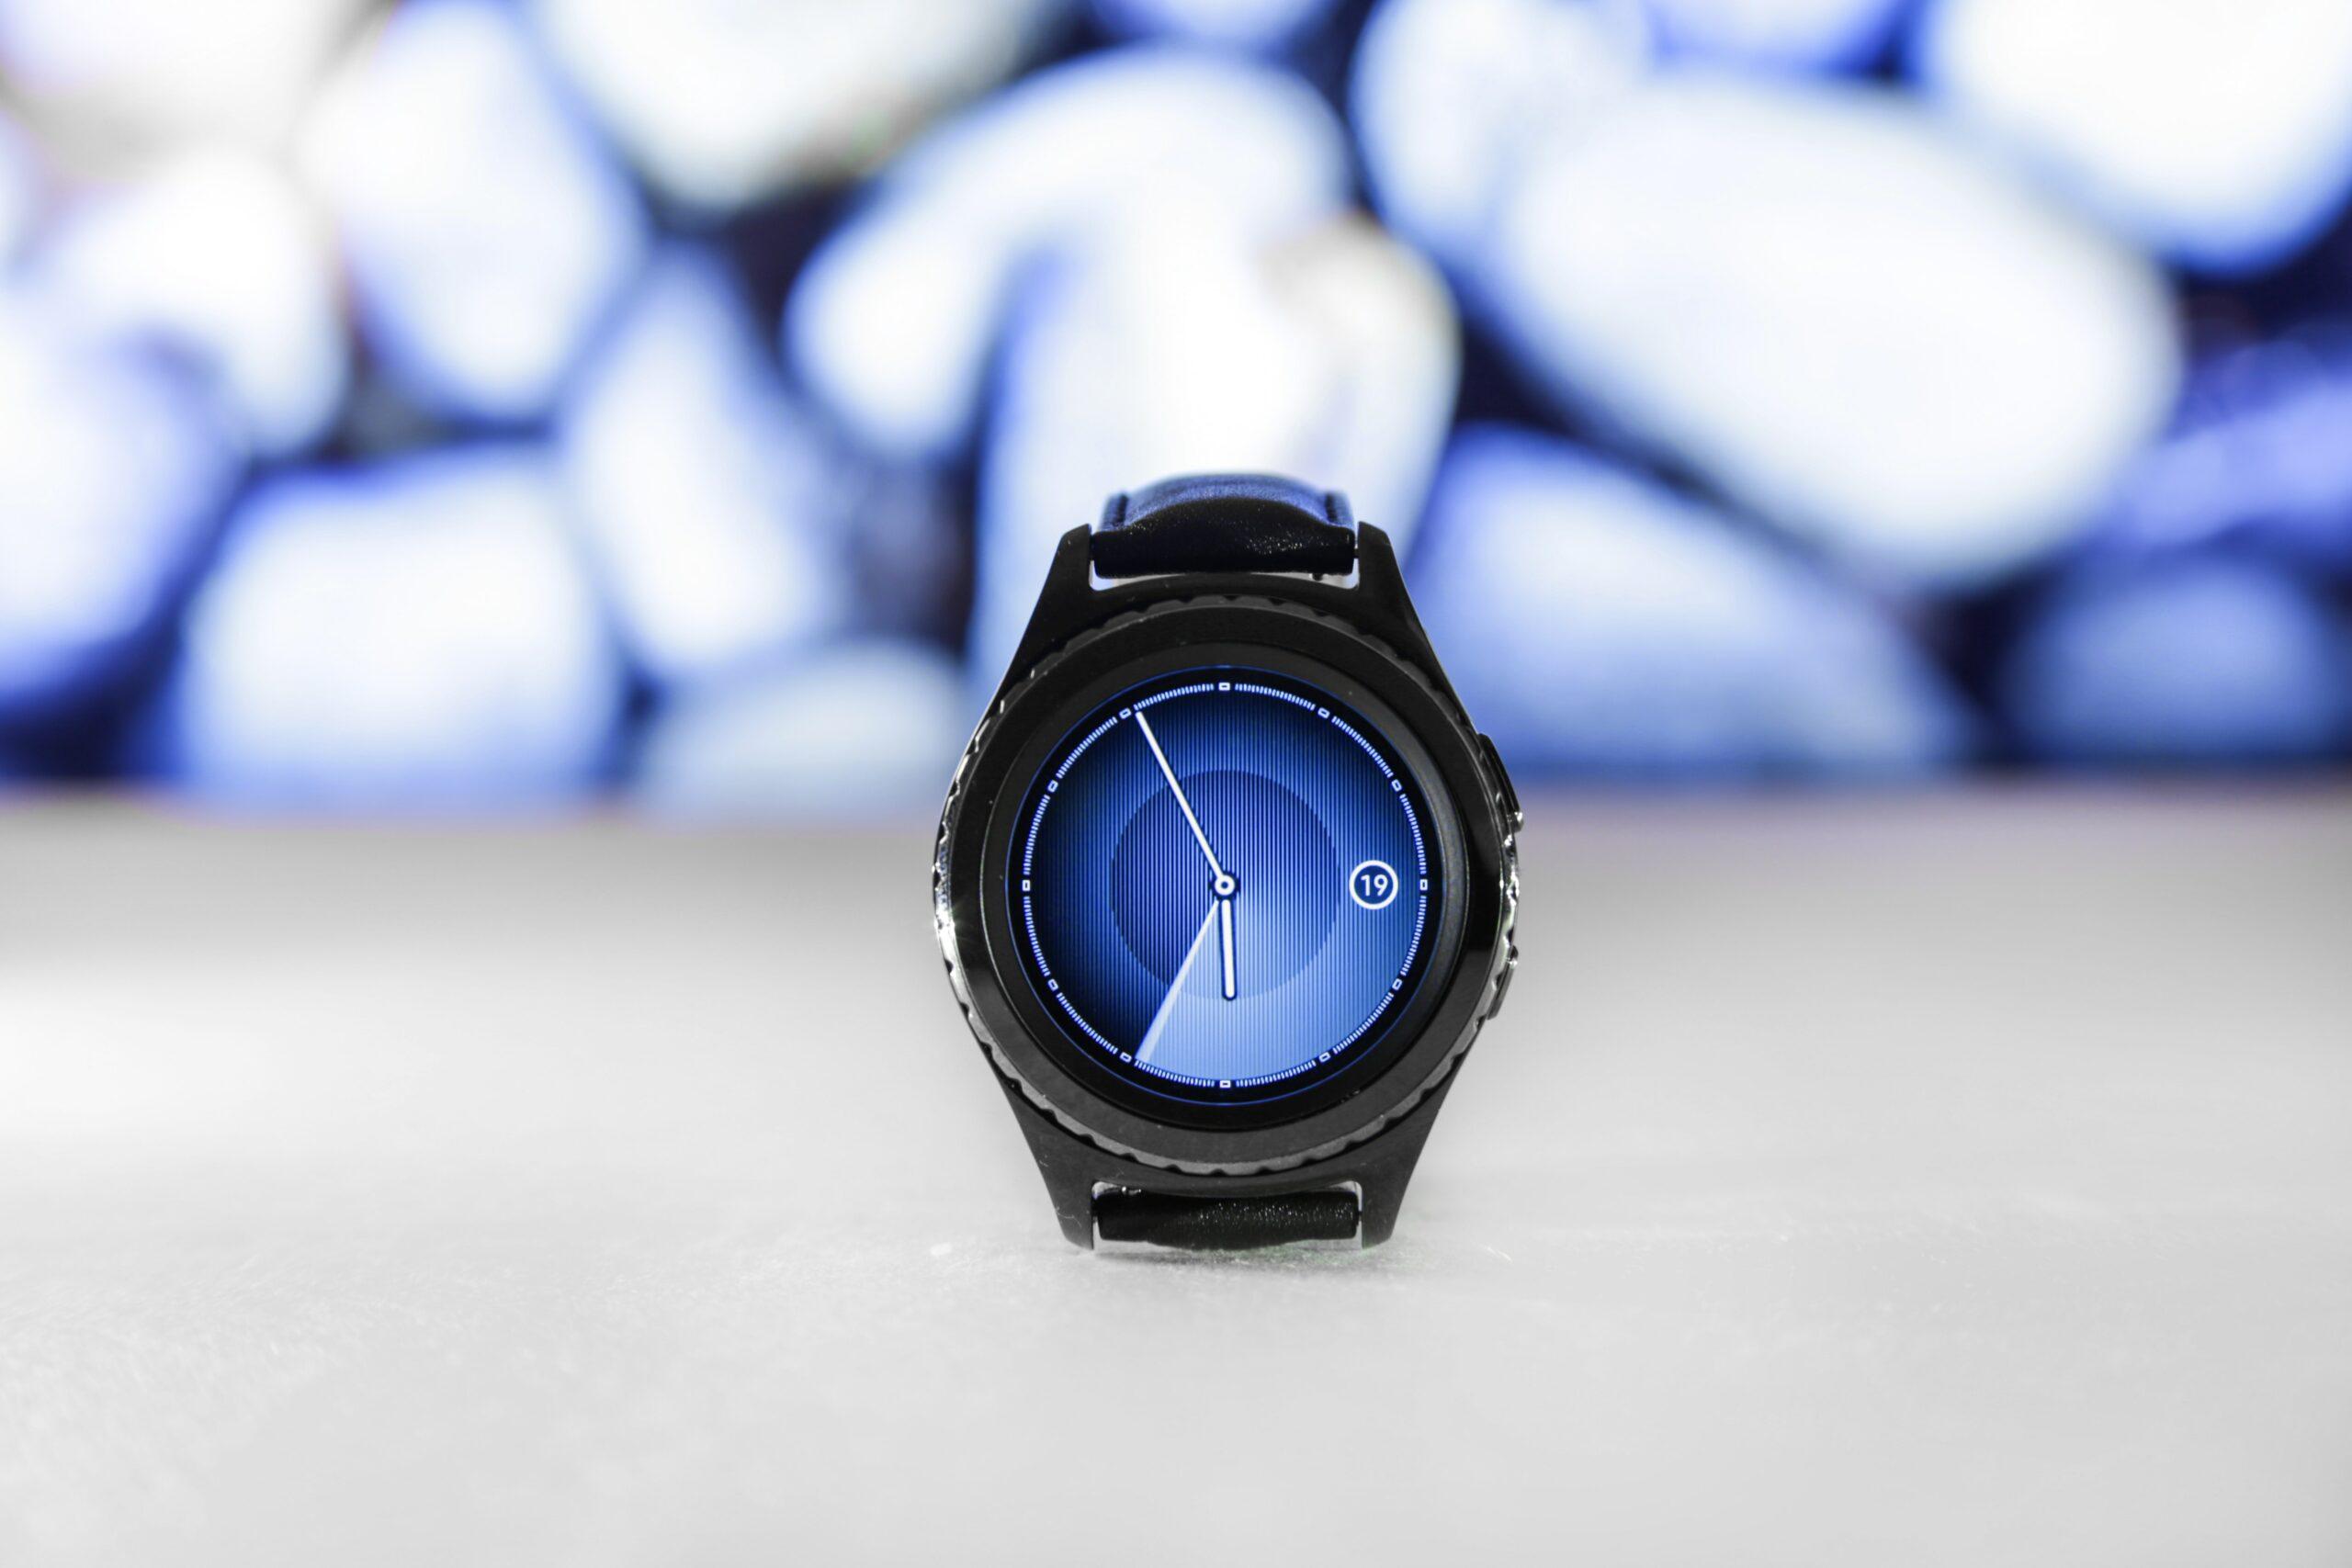 Hodinky Samsung Galaxy Watch 3 přinesou nové funkce. Cenou ale nepotěší